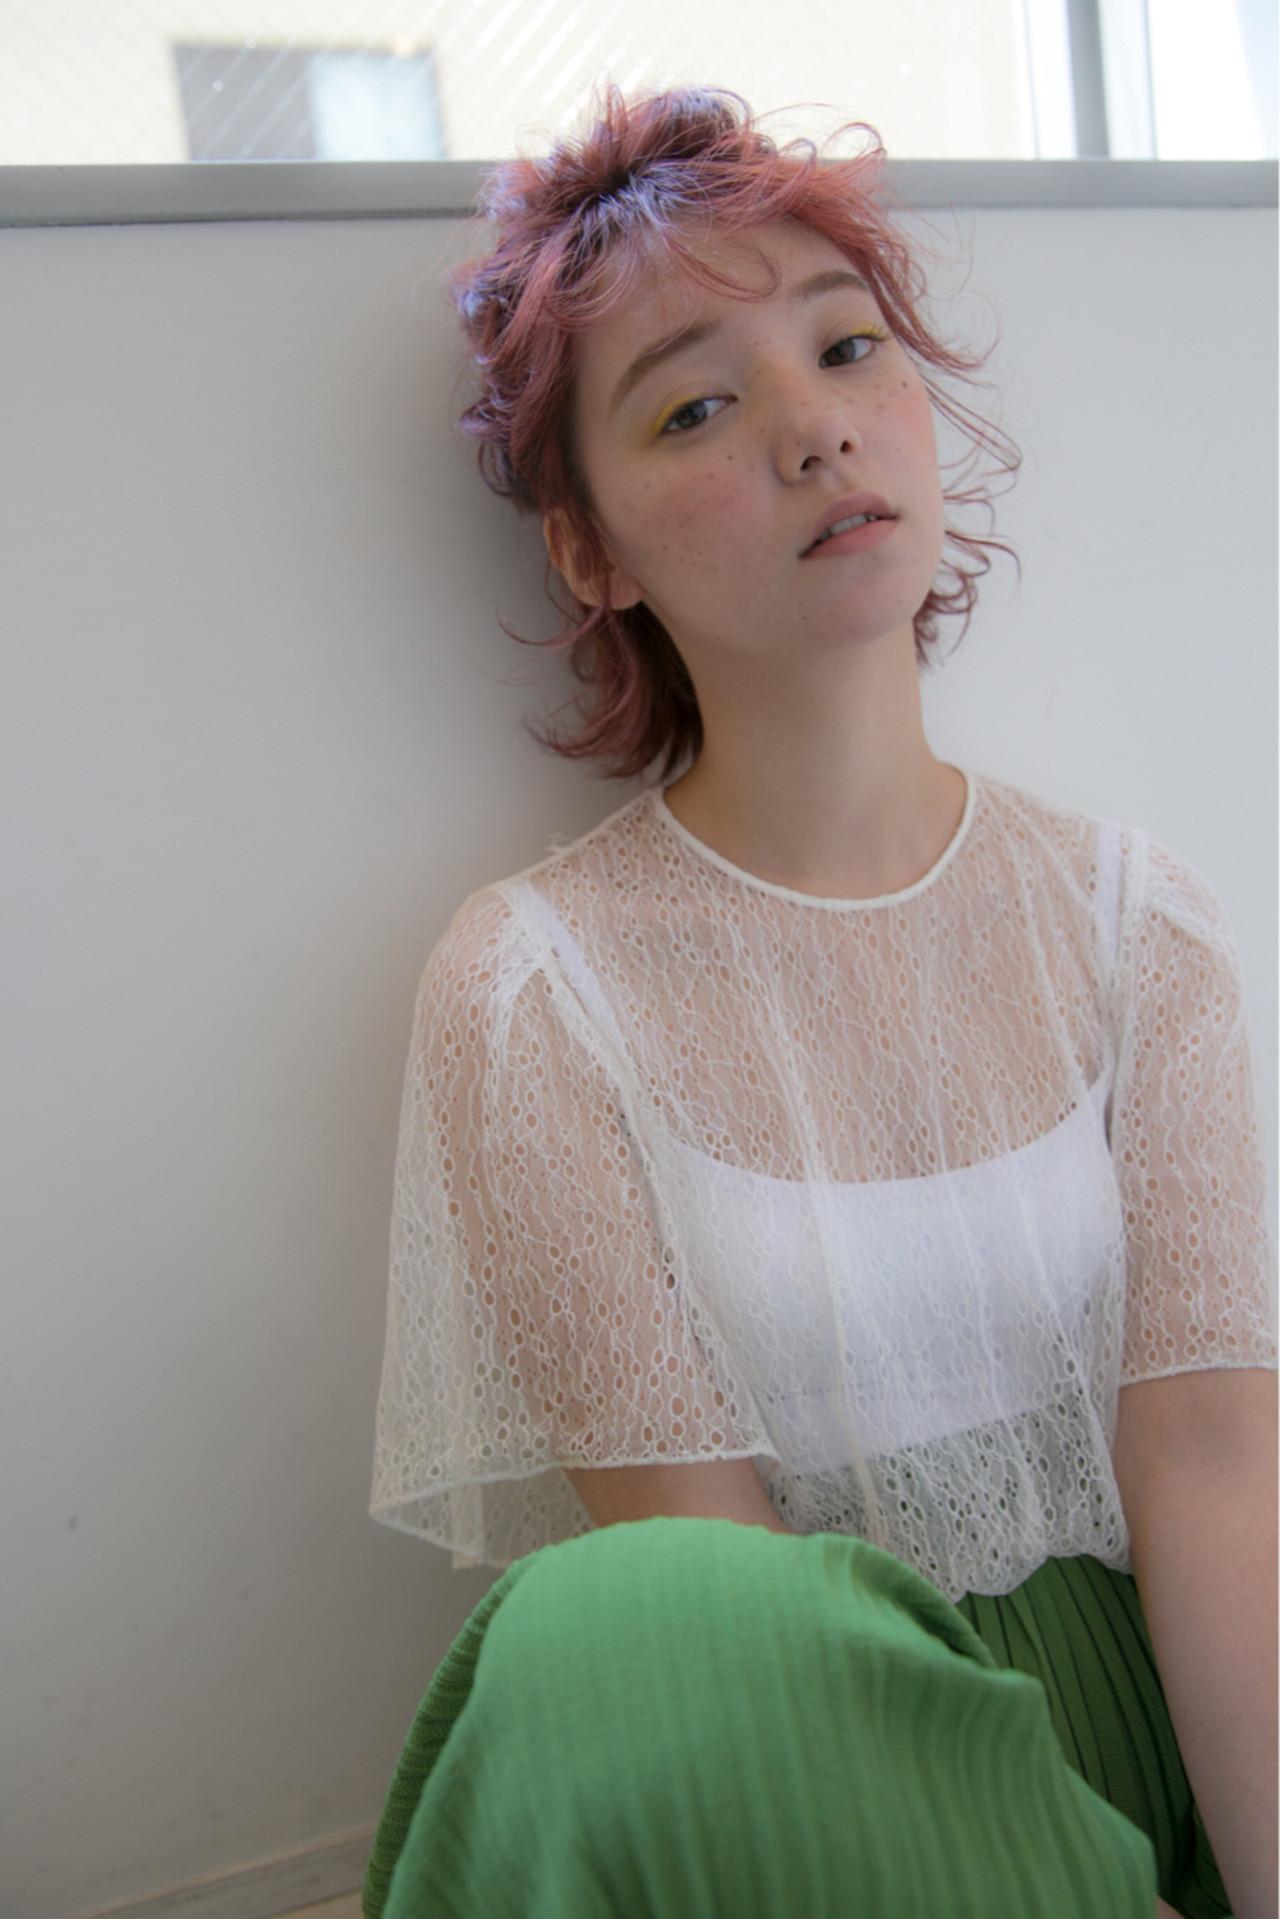 ヘアアレンジ 寝癖 ボブ 大人女子 ヘアスタイルや髪型の写真・画像 | KO-39 / LESS